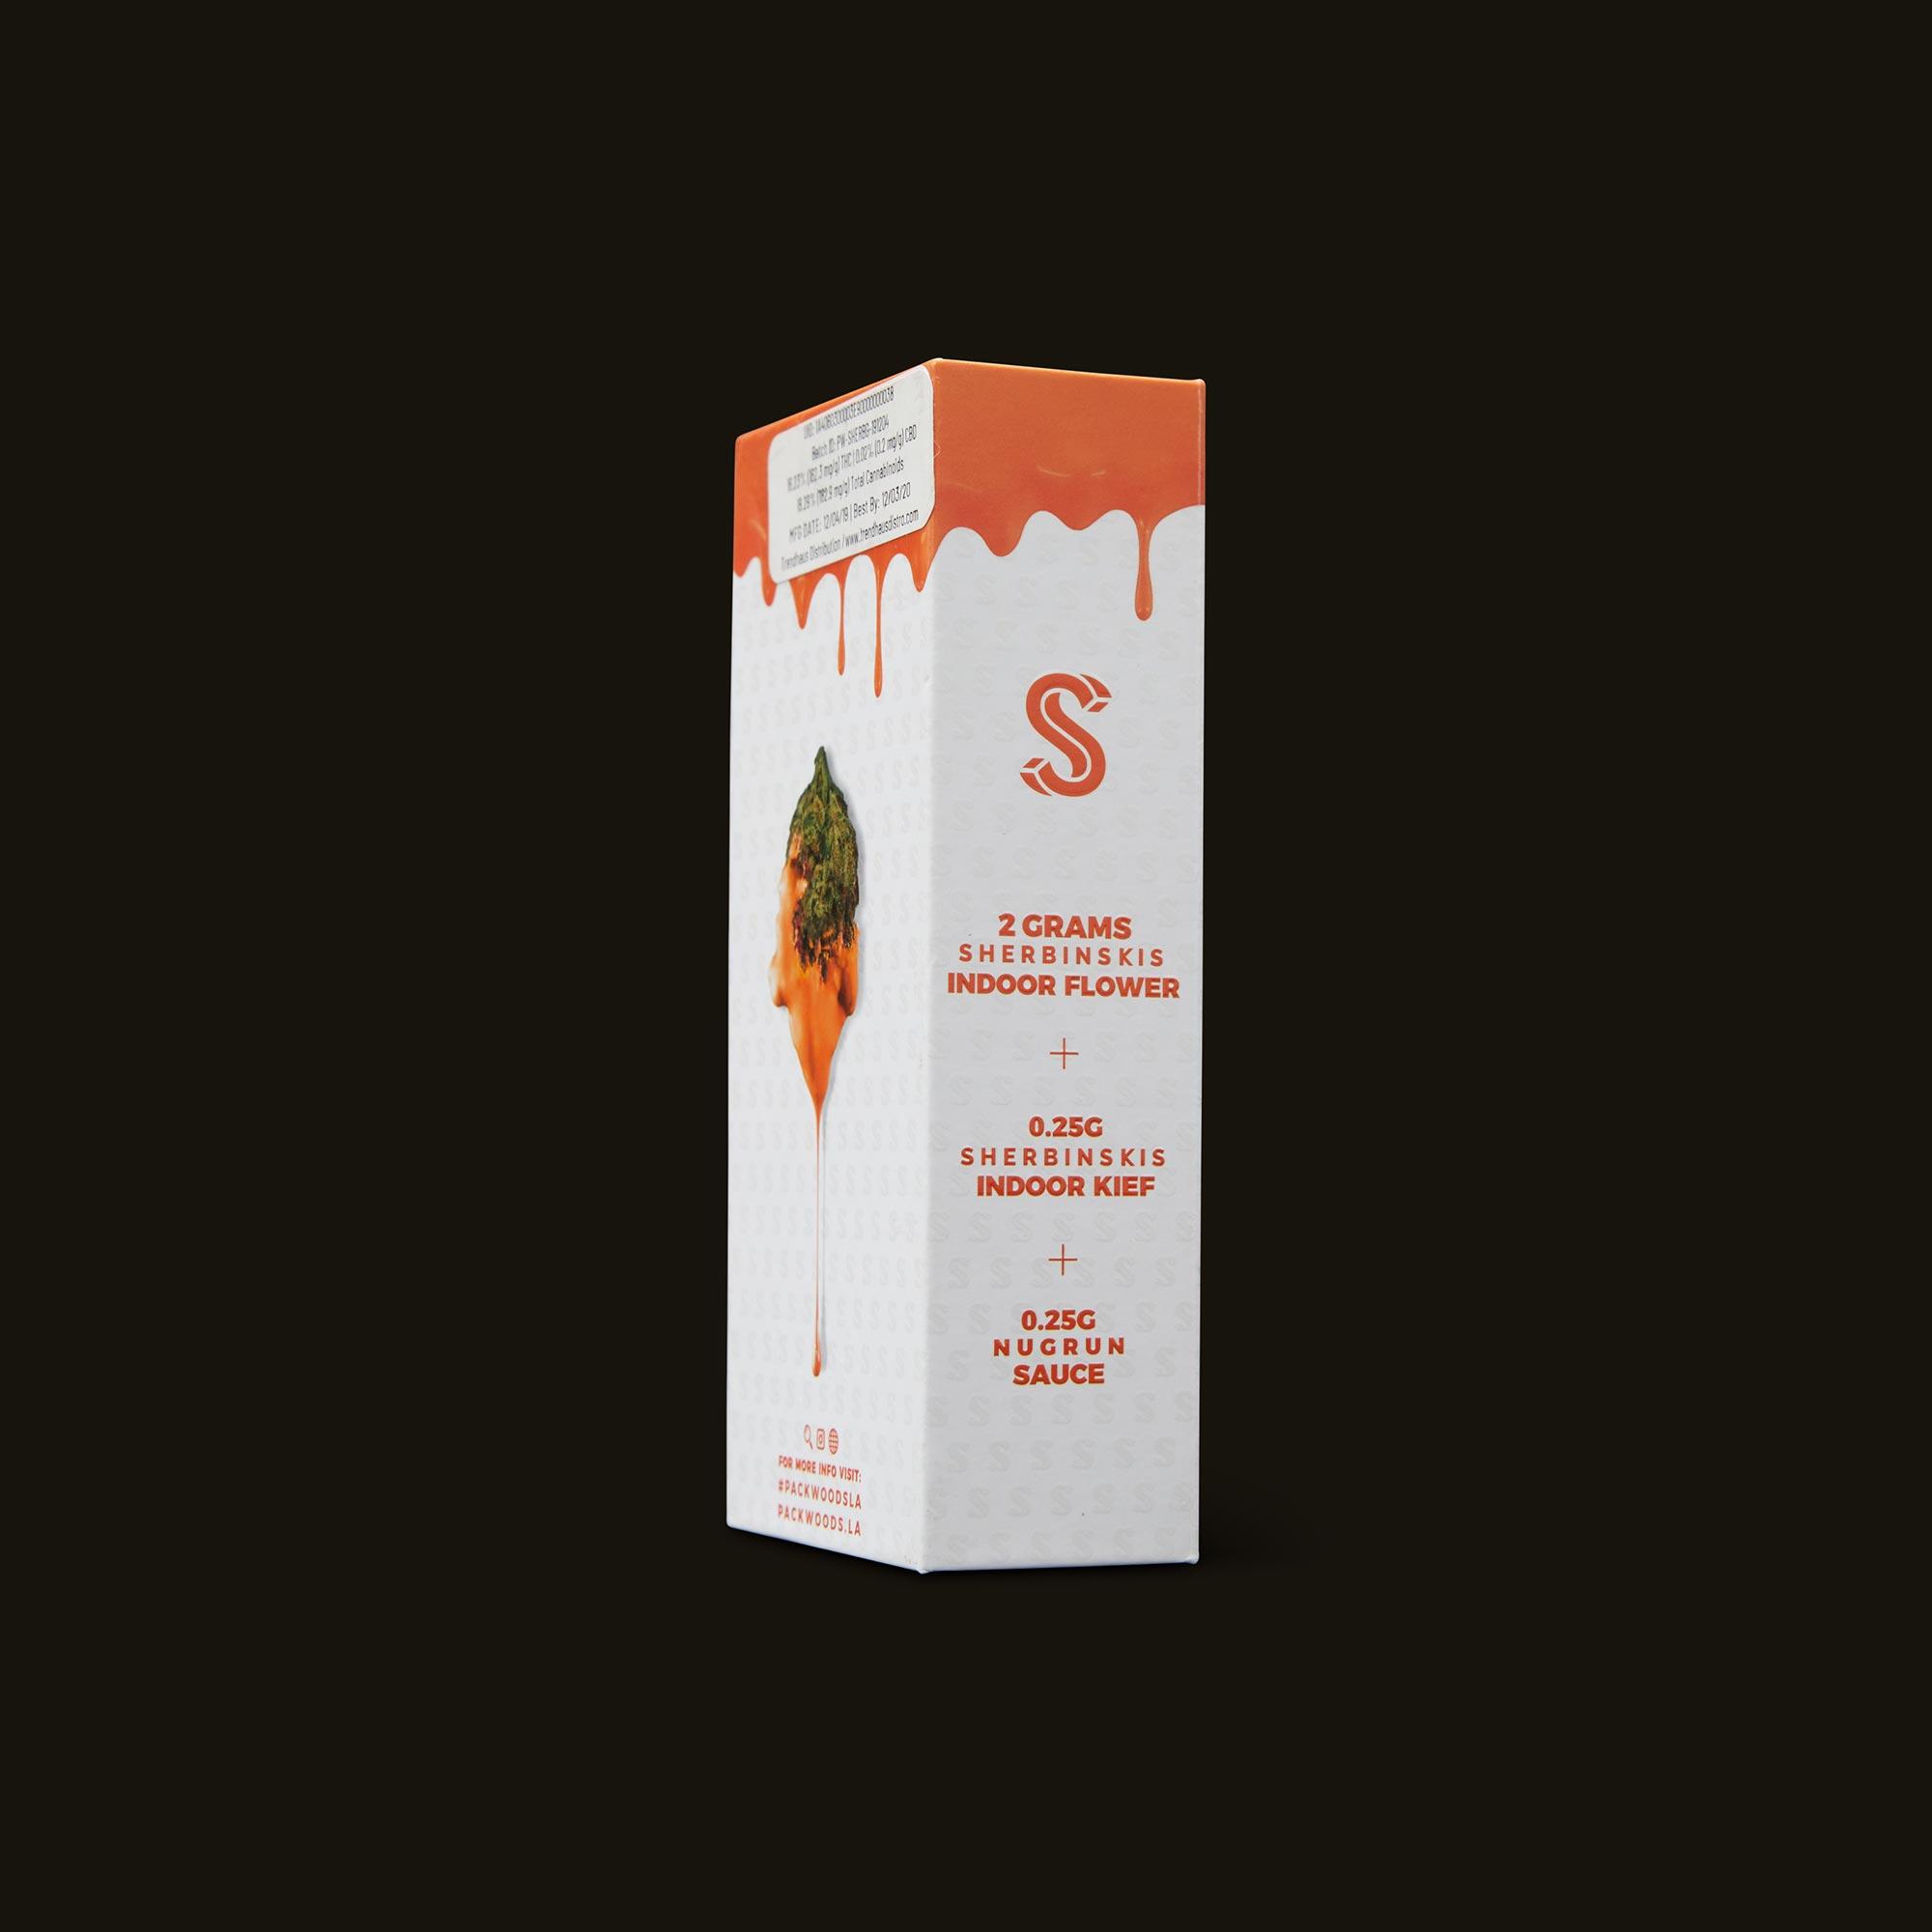 Packwoods Sherbinskis x Packwoods Bacio Gelato Blunt Ingredients